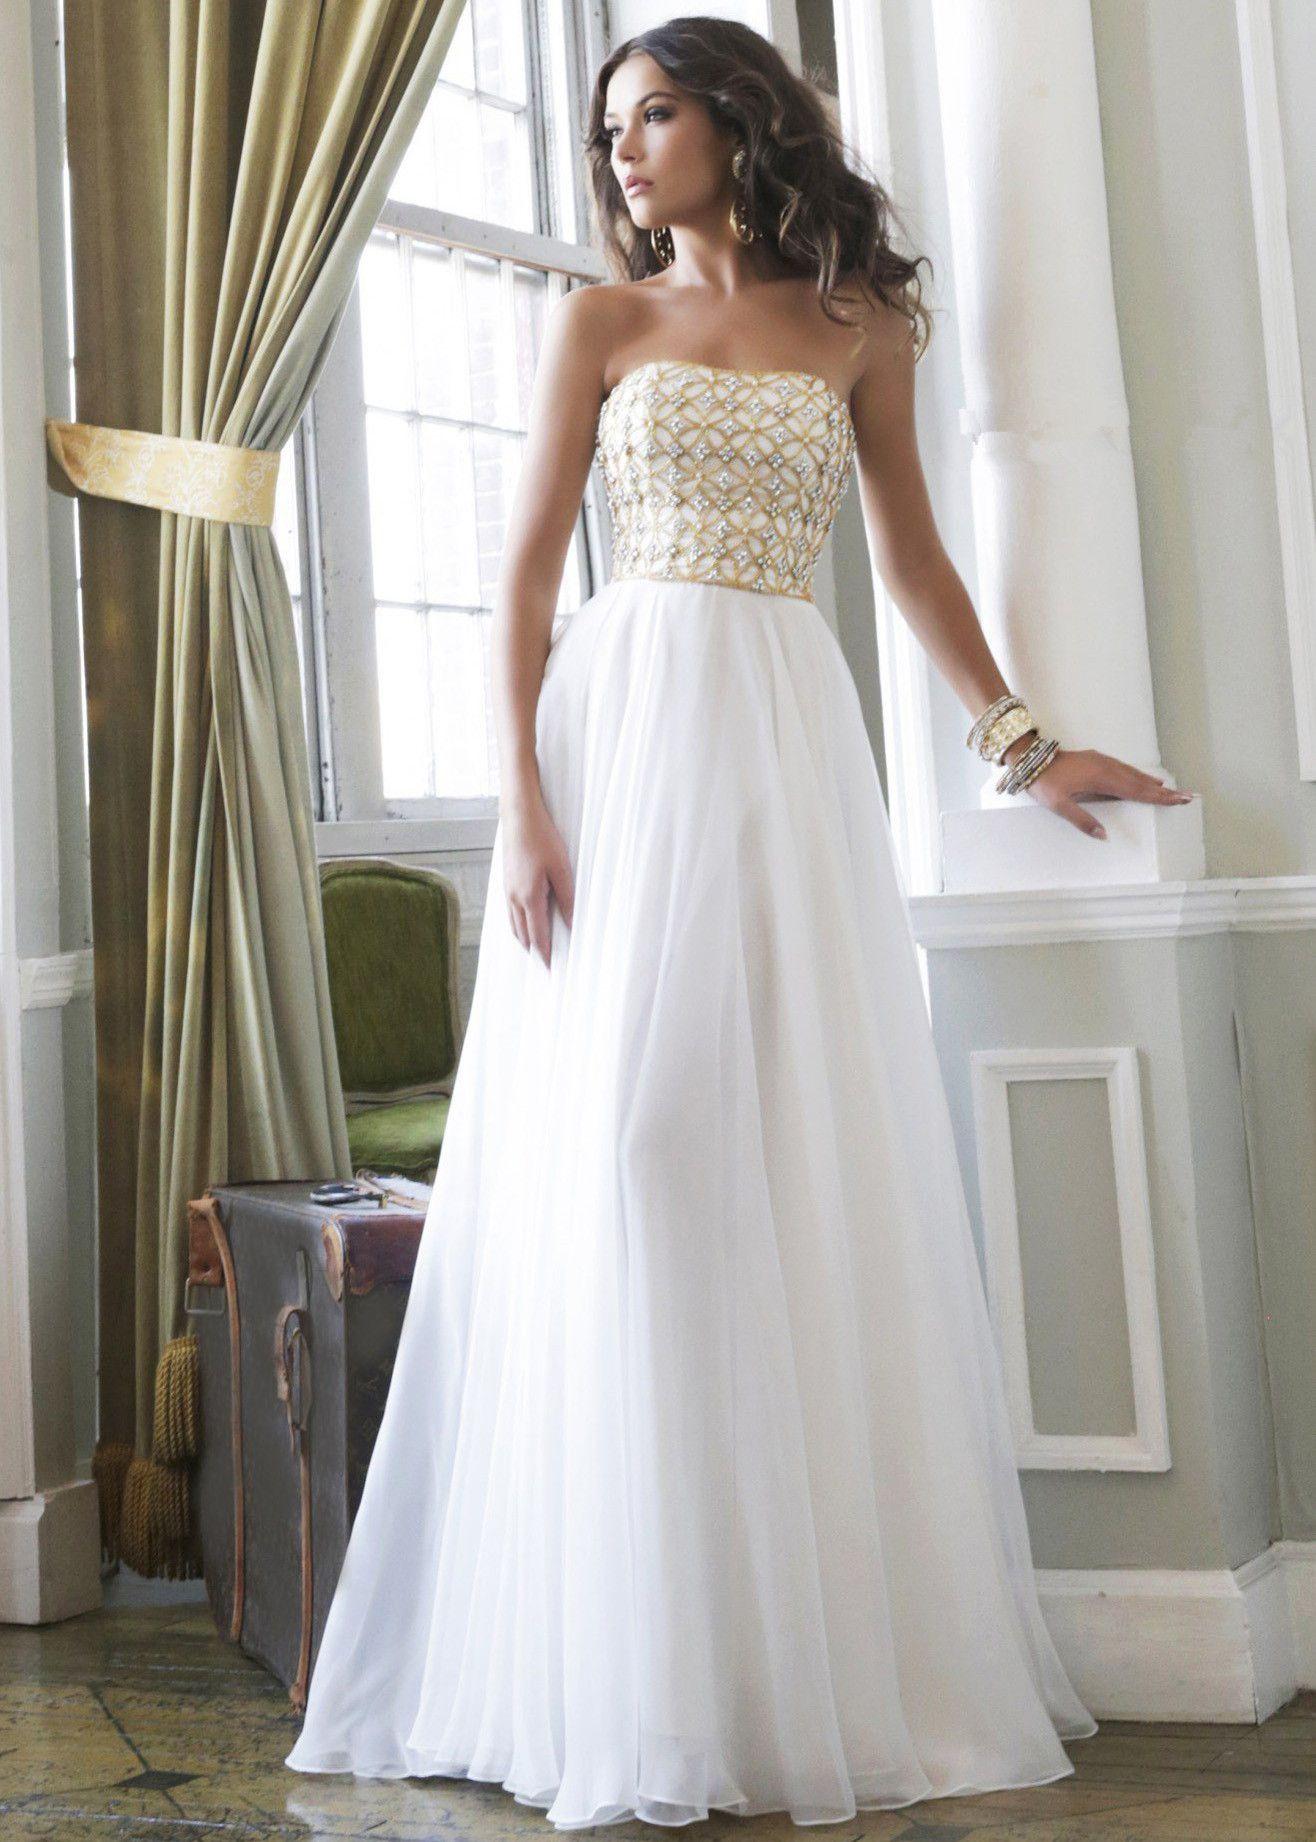 Gold Sequin Prom Dress 2014 - Missy Dress